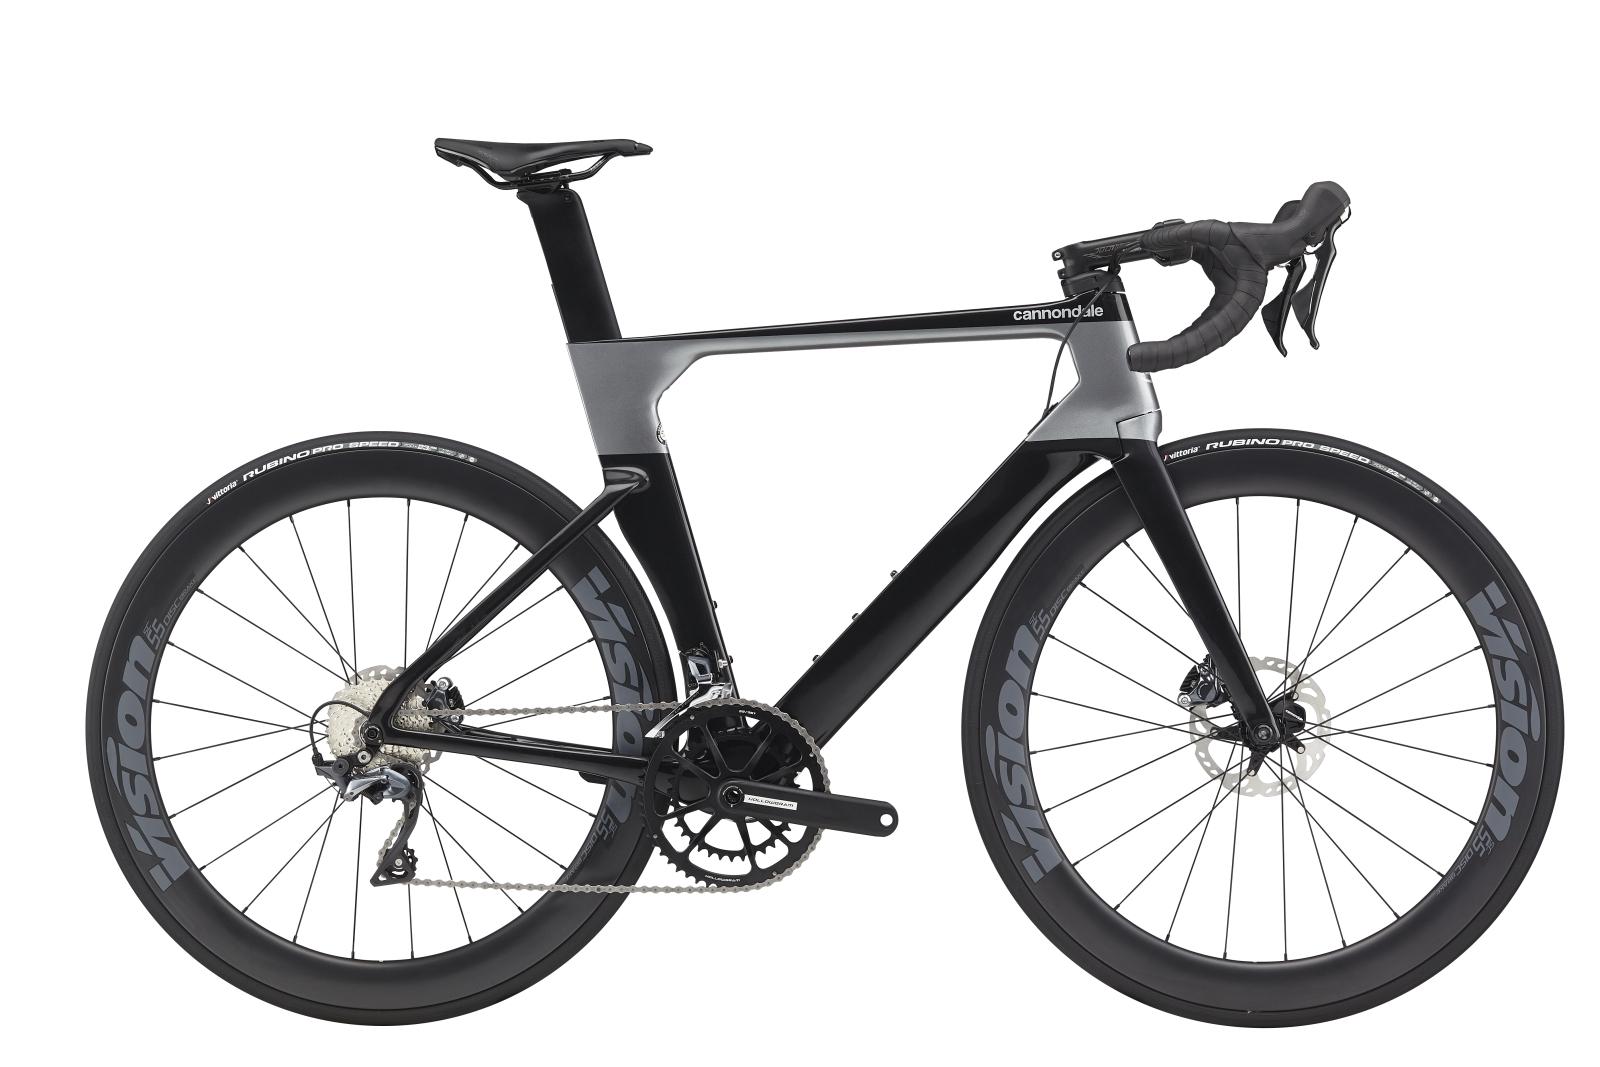 Cannondale System Six Carbon Ultegra országúti kerékpár - fekete - 56 cm (2020)